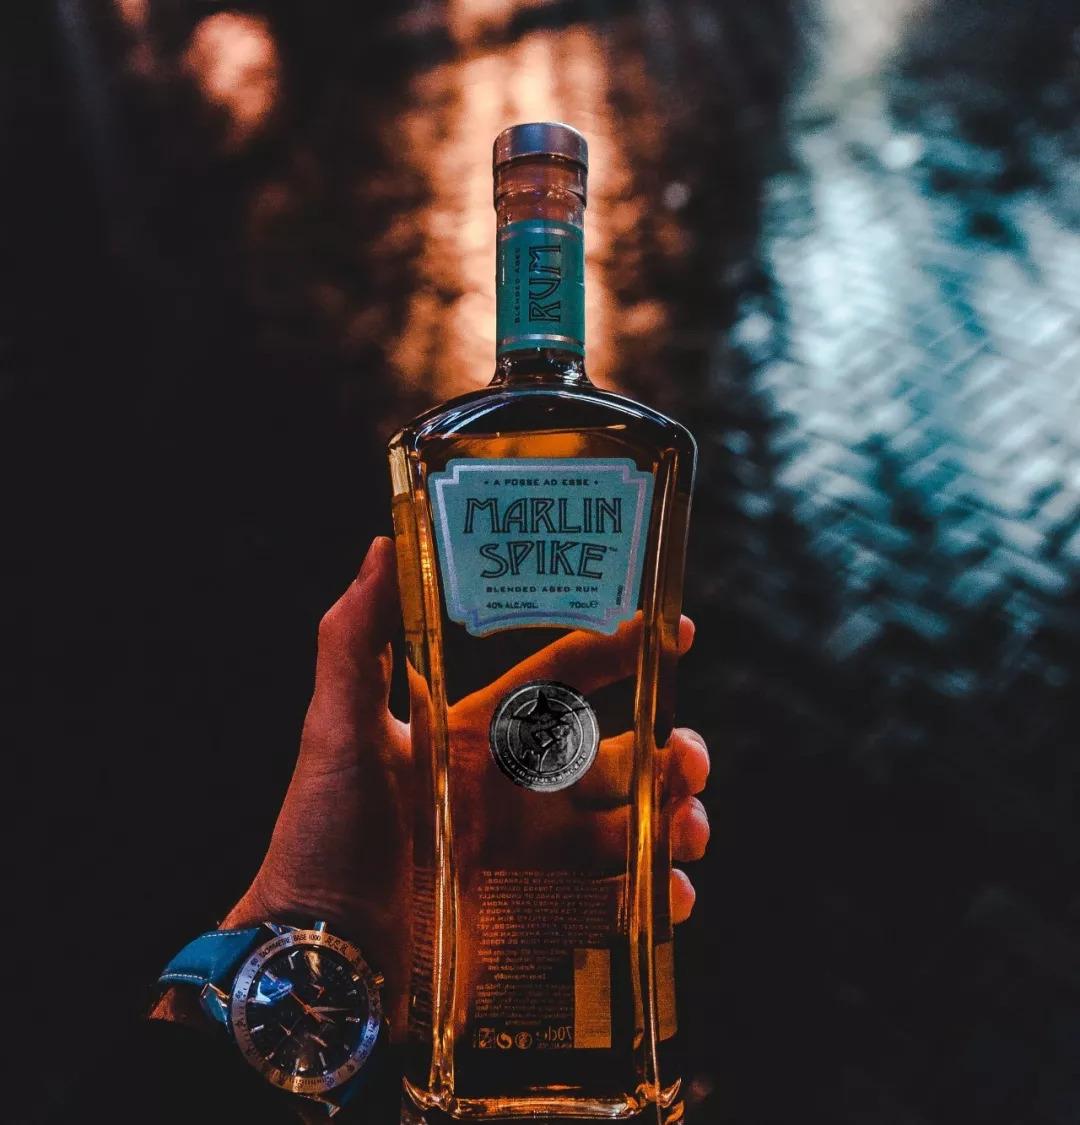 既然陶醉了海明威的灵魂,你不妨也来一杯无忧的朗姆酒